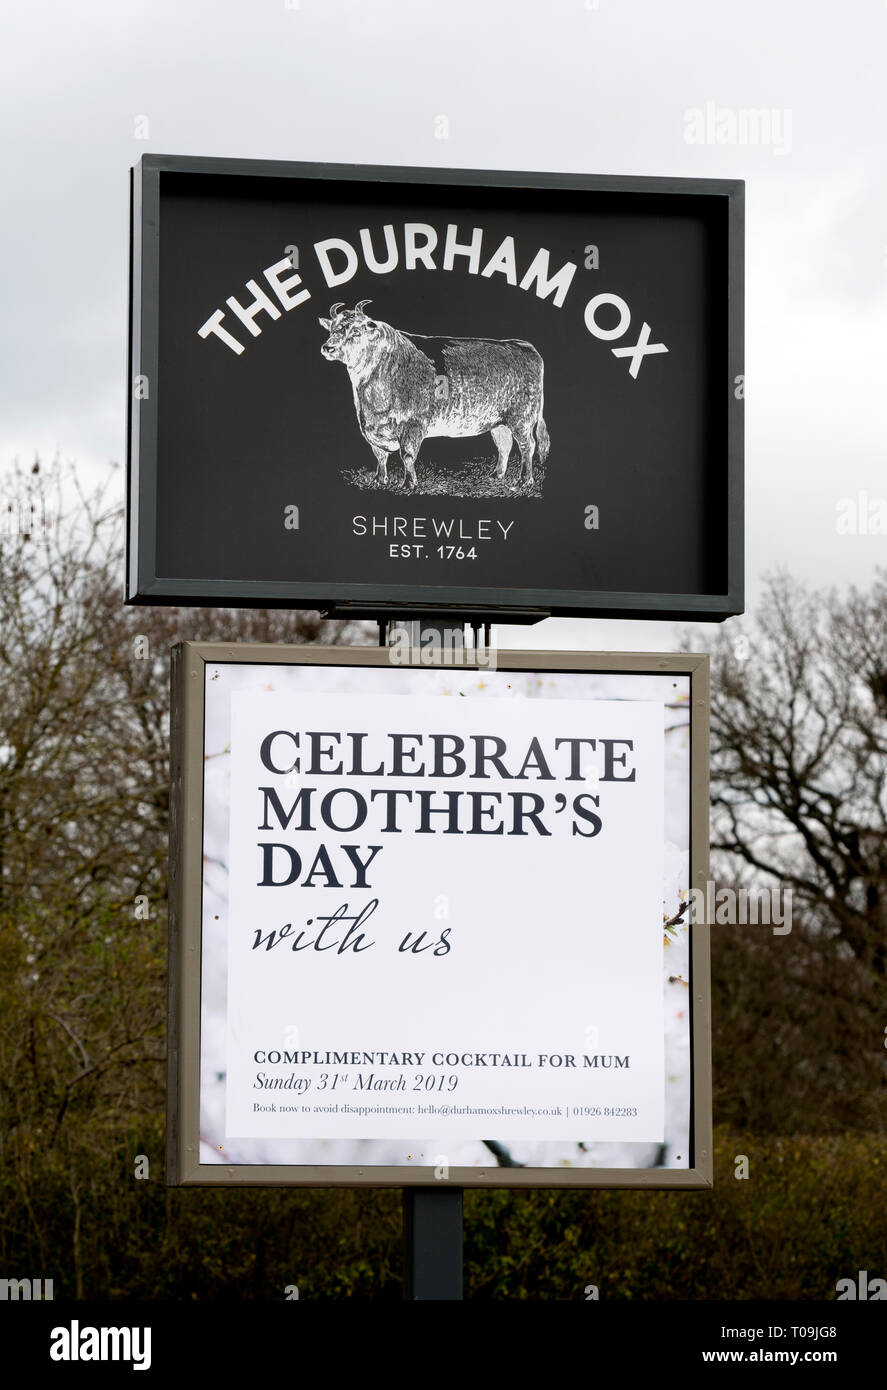 El Durham Ox pub signo, Shrewley, Warwickshire, Inglaterra, Reino Unido. Imagen De Stock